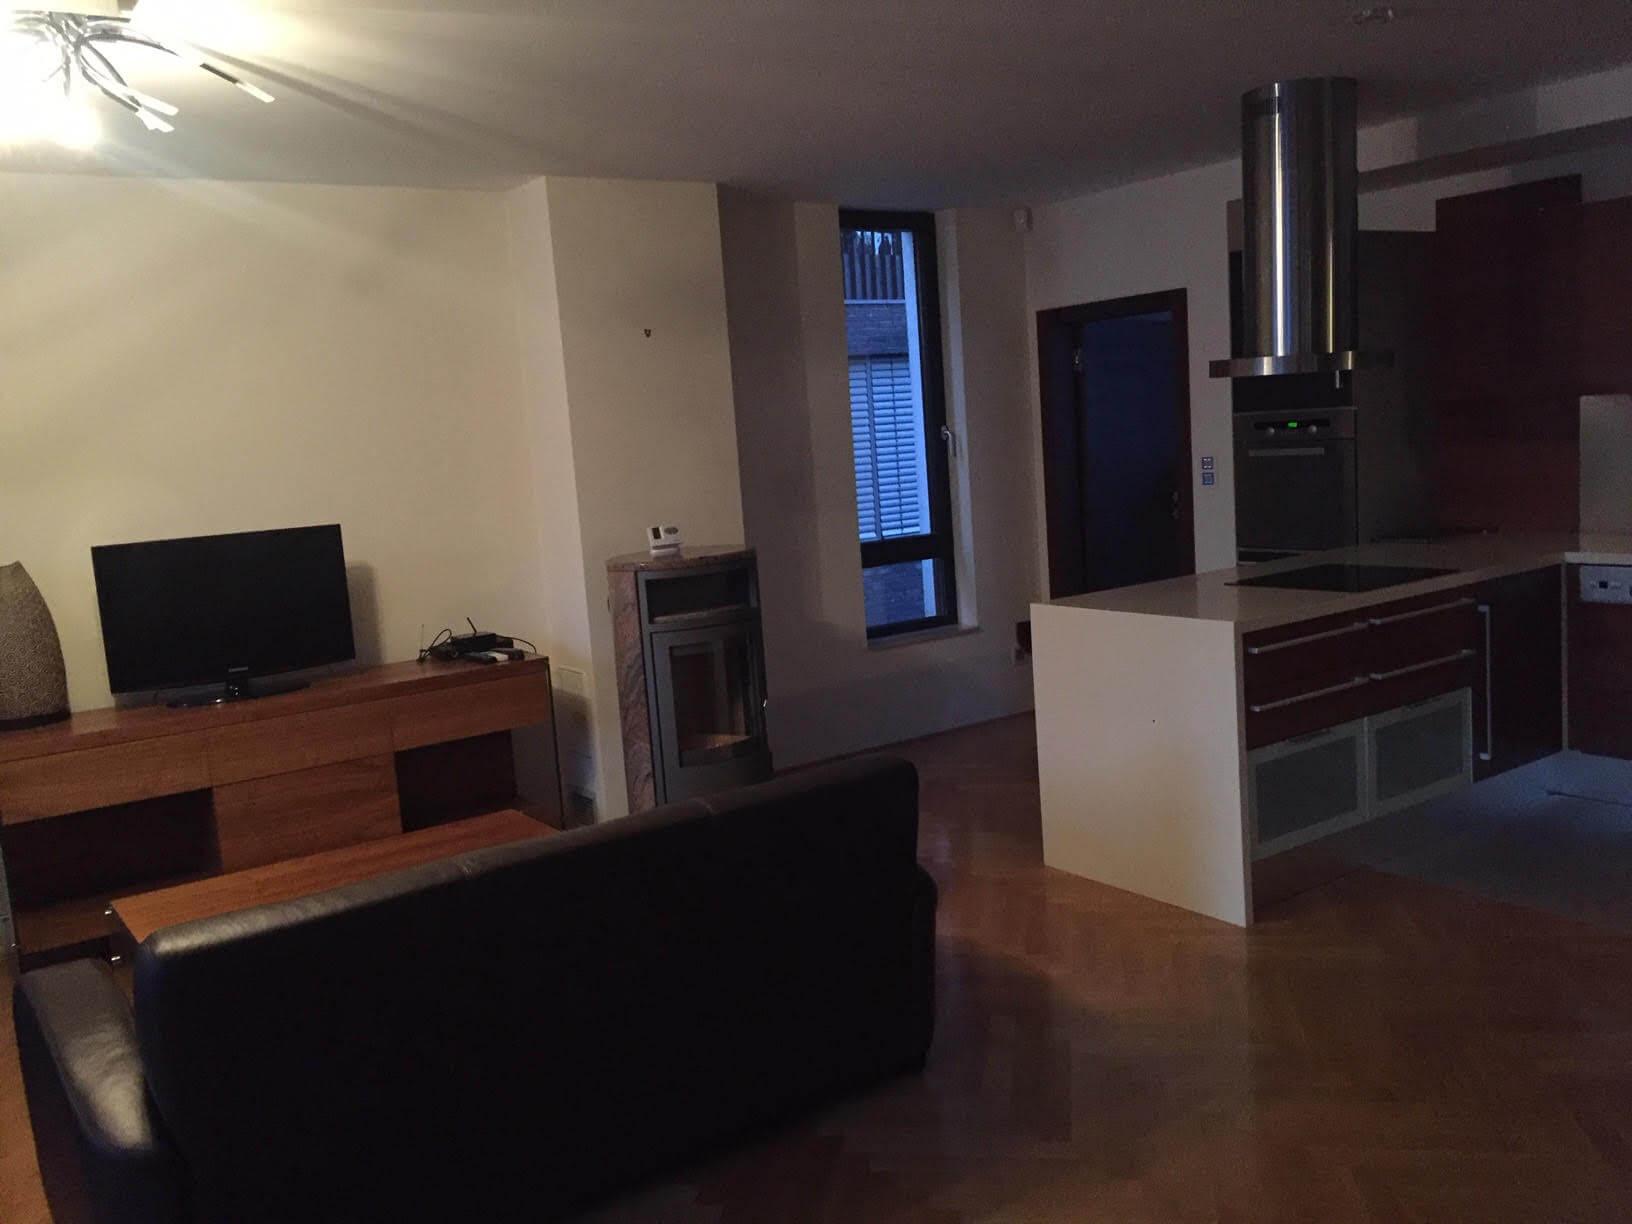 Luxusný 3 izbový byt v centre BA, 88m2, Dunajská 48, balkón 6m, garážové státie,klimatizácia, krb-1